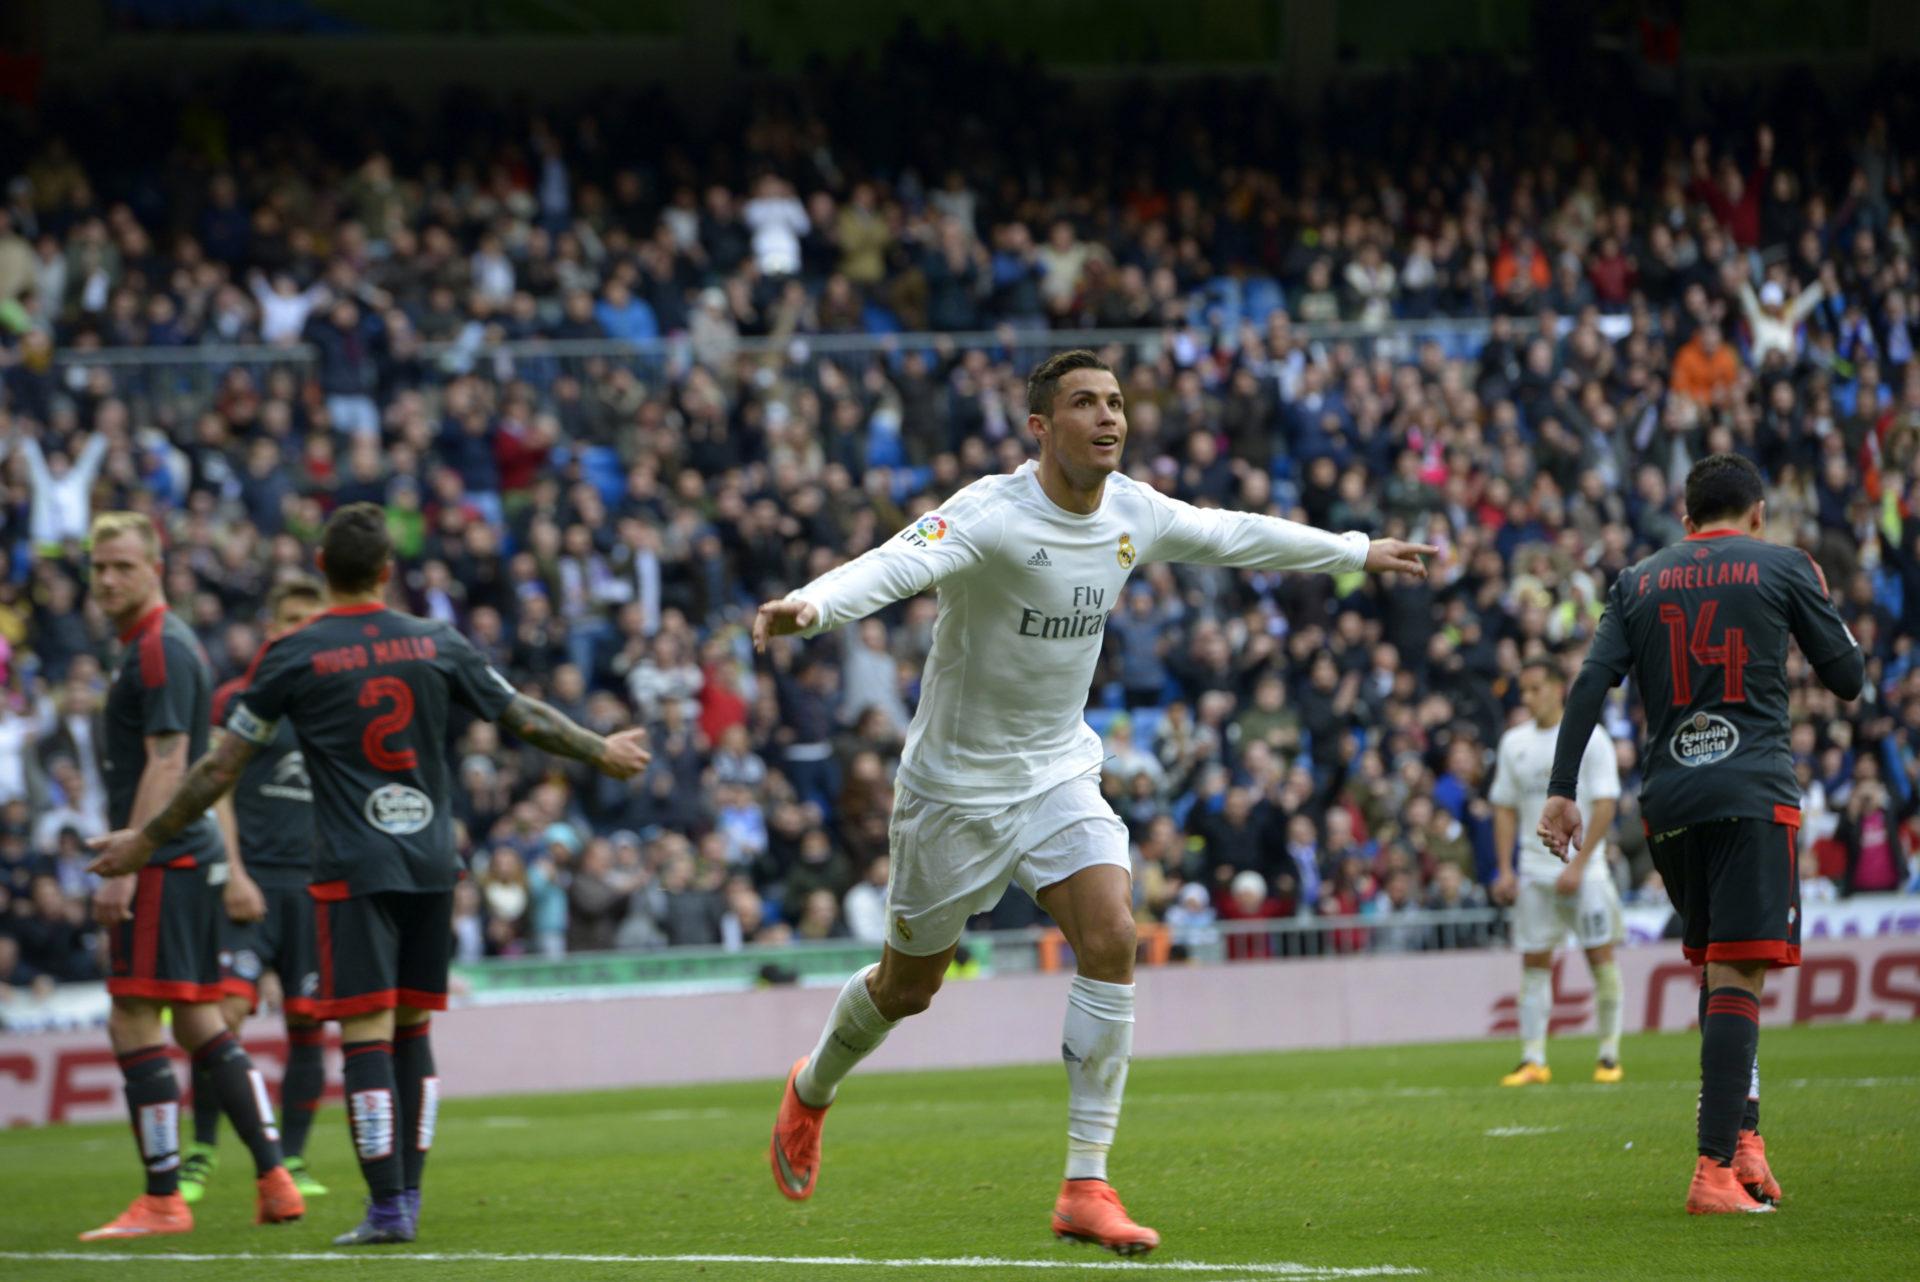 El delantero portugués del Real Madrid Cristiano Ronaldo celebra el cuarto gol que ha marcado frente al Celta de Vigo, el quinto del equipo, durante el partido de la vigésima octava jornada de la Liga de Primera División que se juega hoy en el estadio Santiago Bernabéu, en Madrid. EFE/Luca Piergiovanni